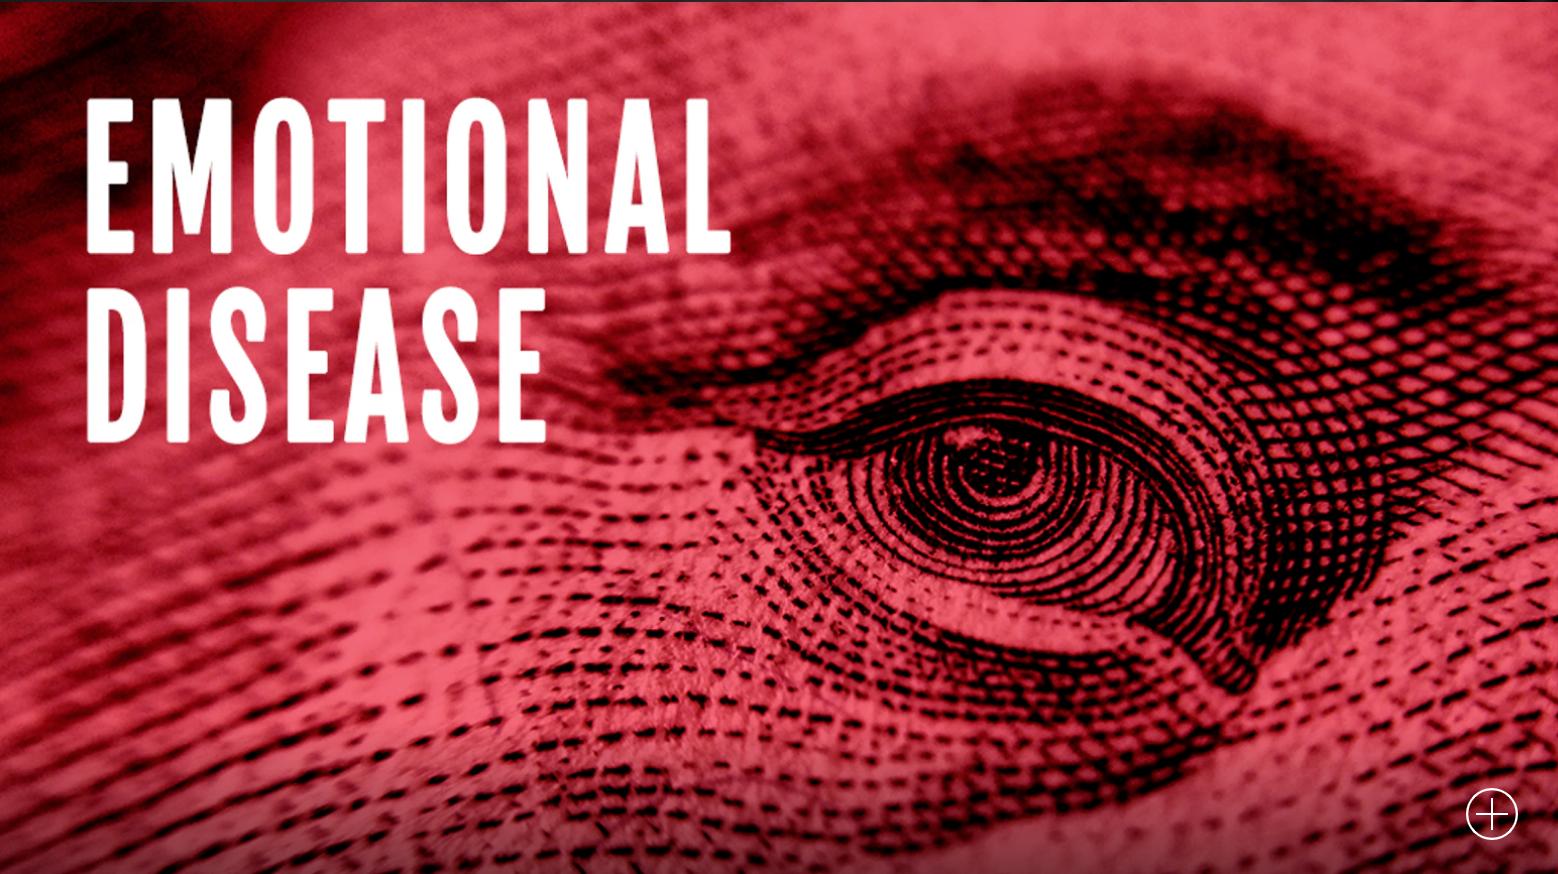 Accede a la campaña de crowdfunding de Emotional Disease